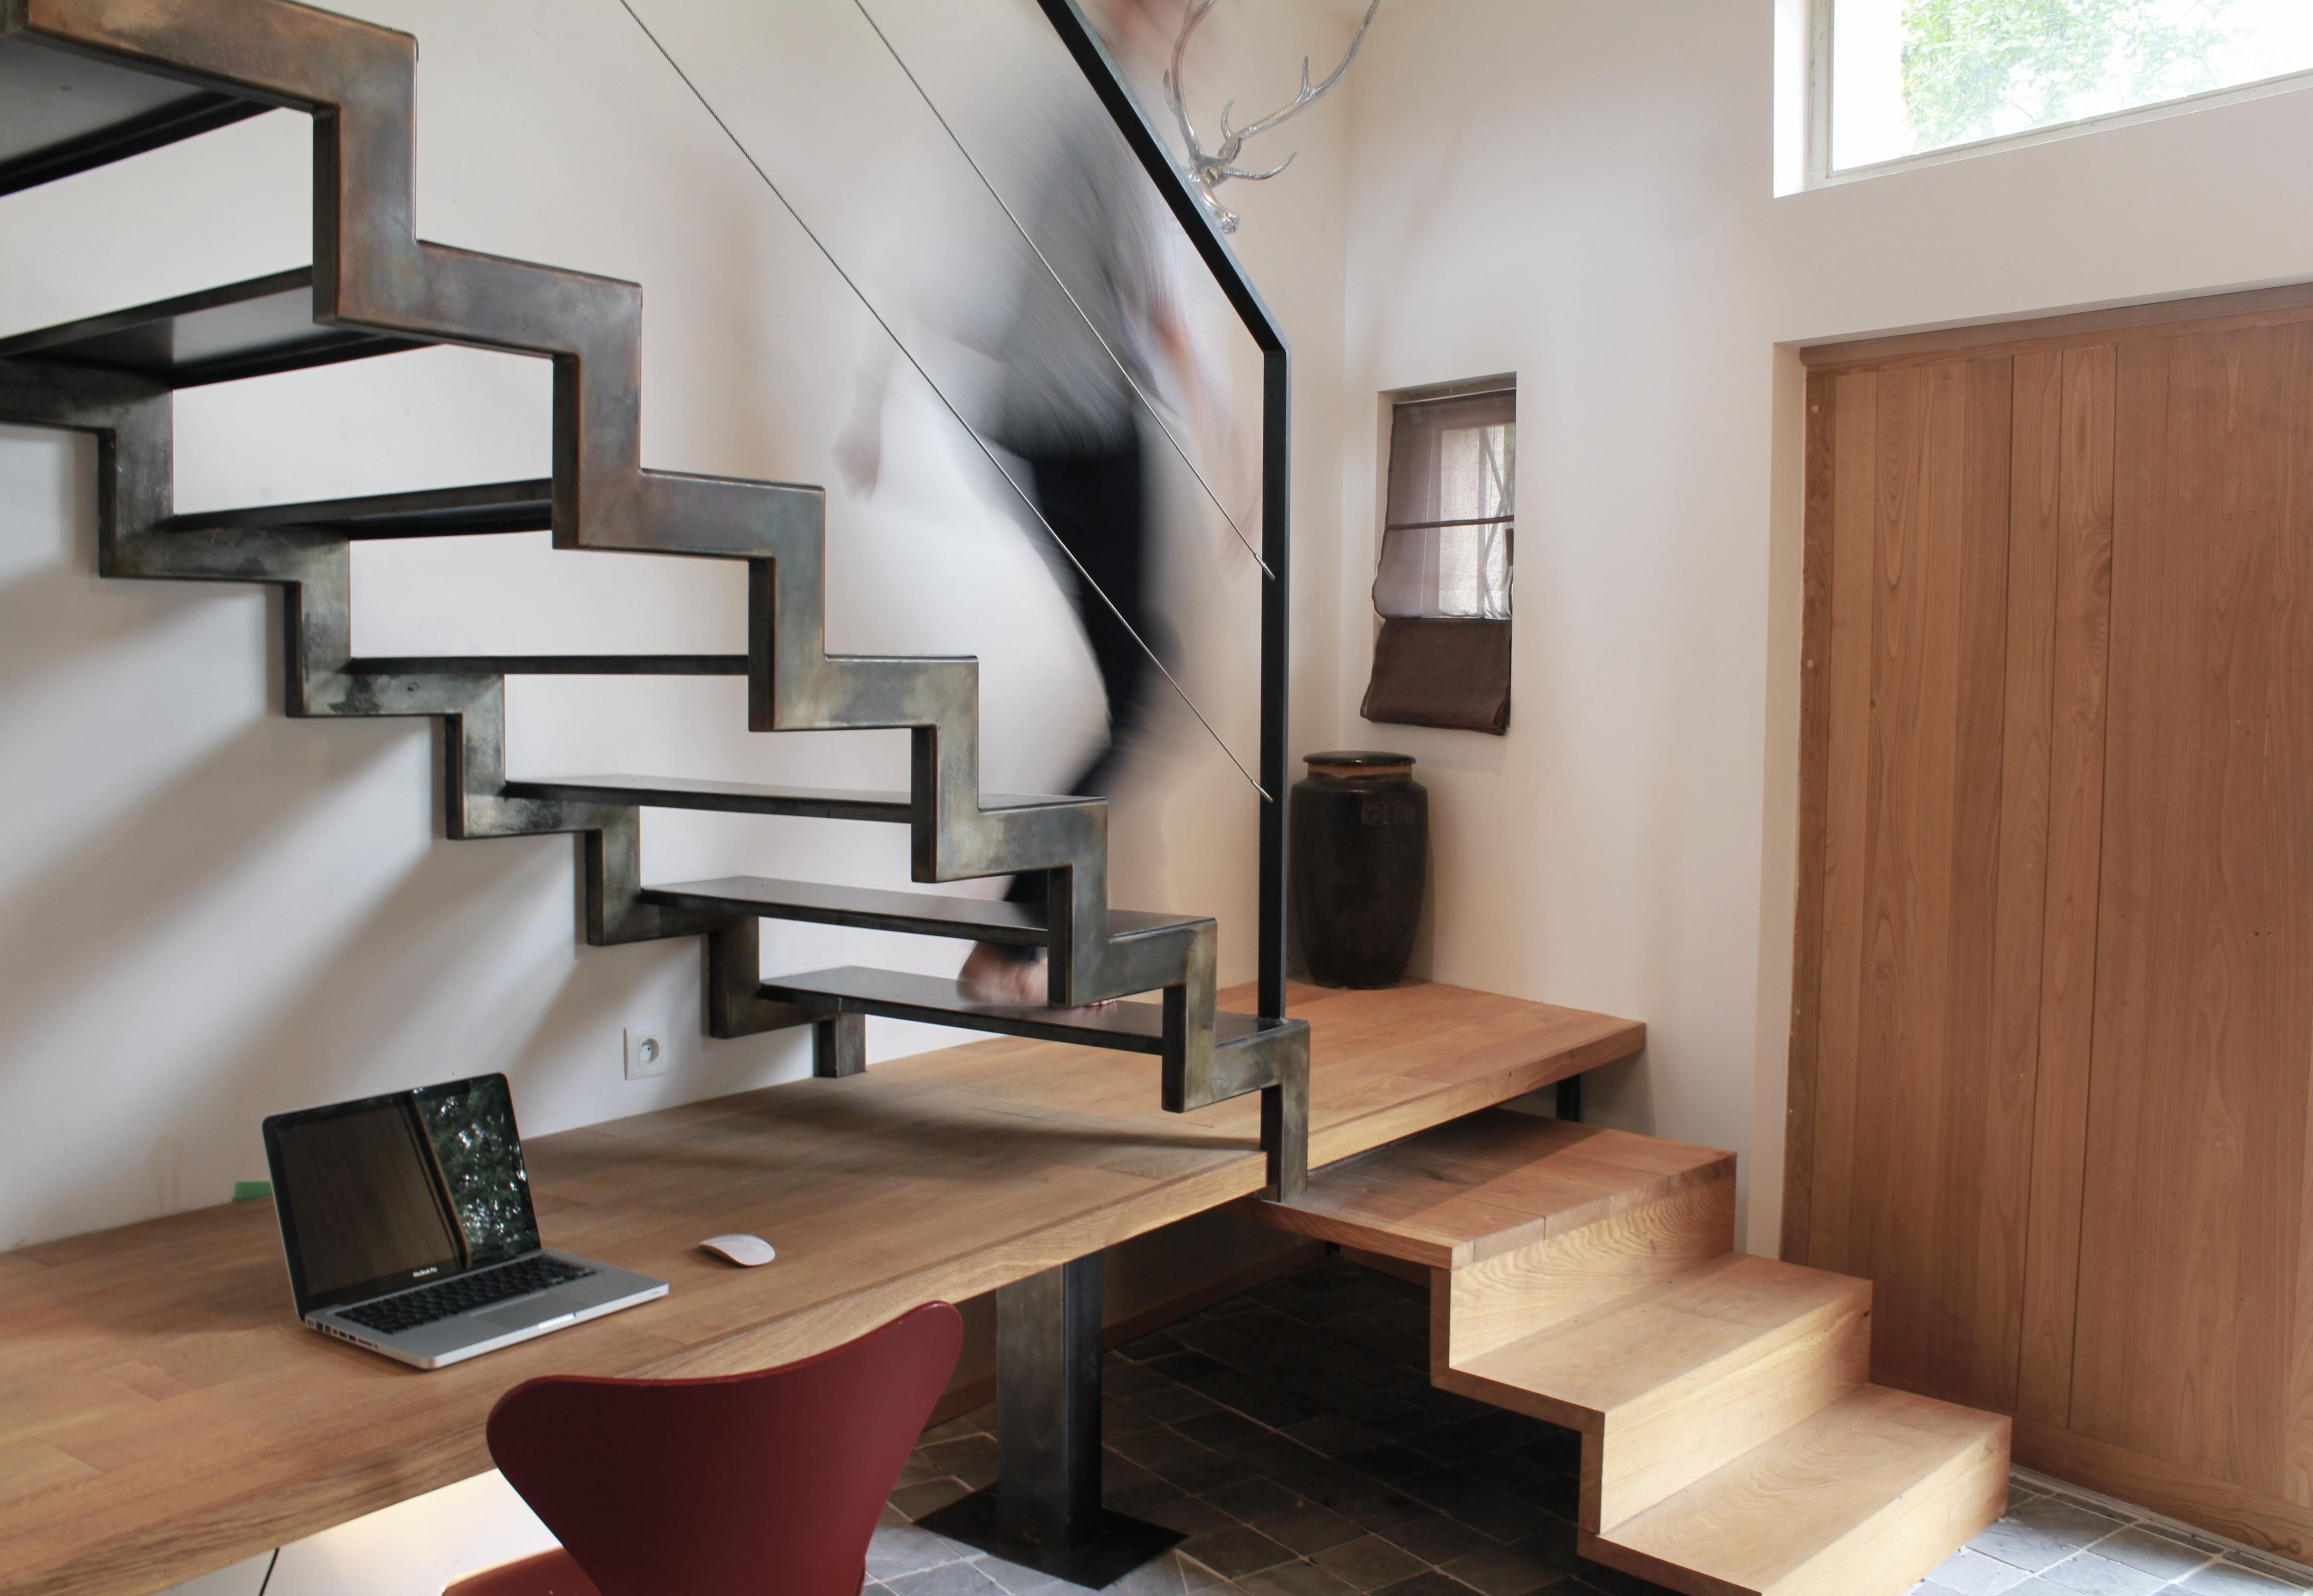 cr ation d un escalier sur mesure avec coin bureau toulouse. Black Bedroom Furniture Sets. Home Design Ideas